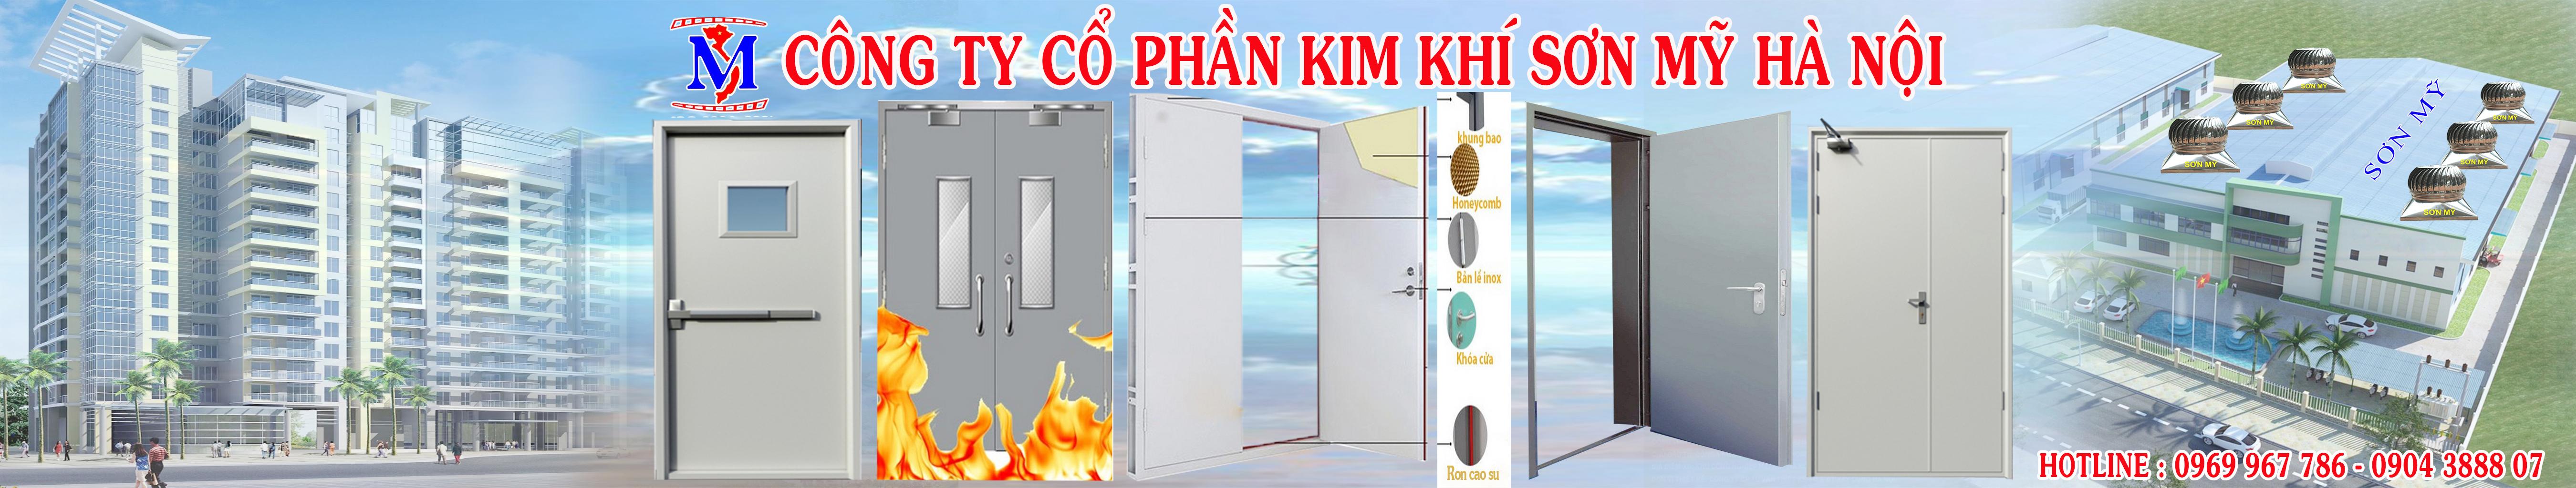 Cửa chống cháy, cửa thép chống cháy